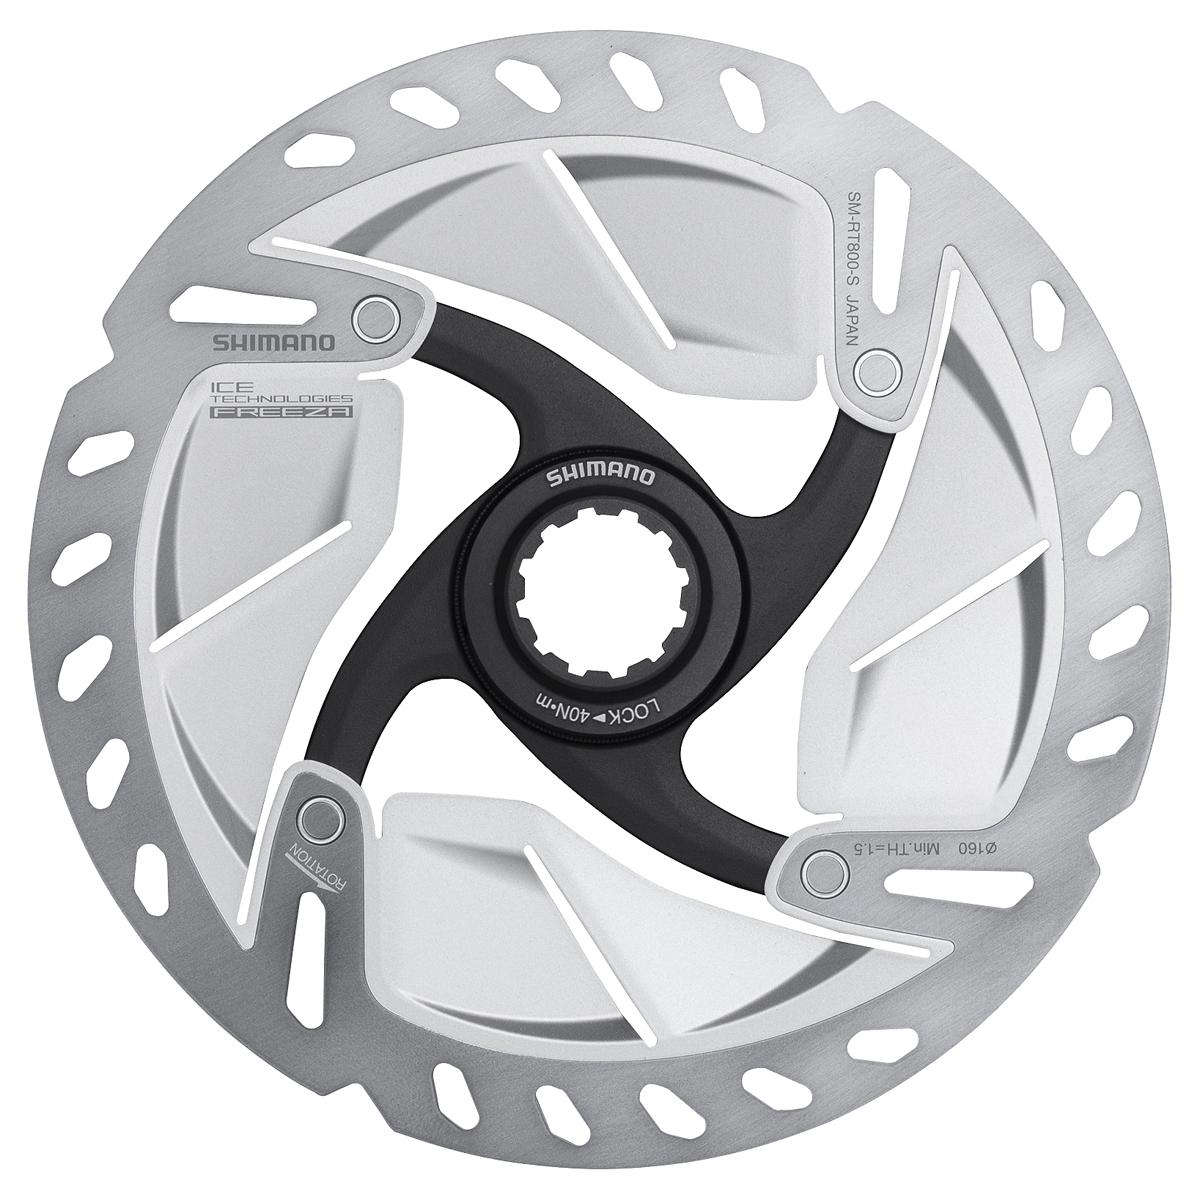 Disque de frein route Shimano SM-RT 800S Ice Tech Freeza 140 mm Centerlock